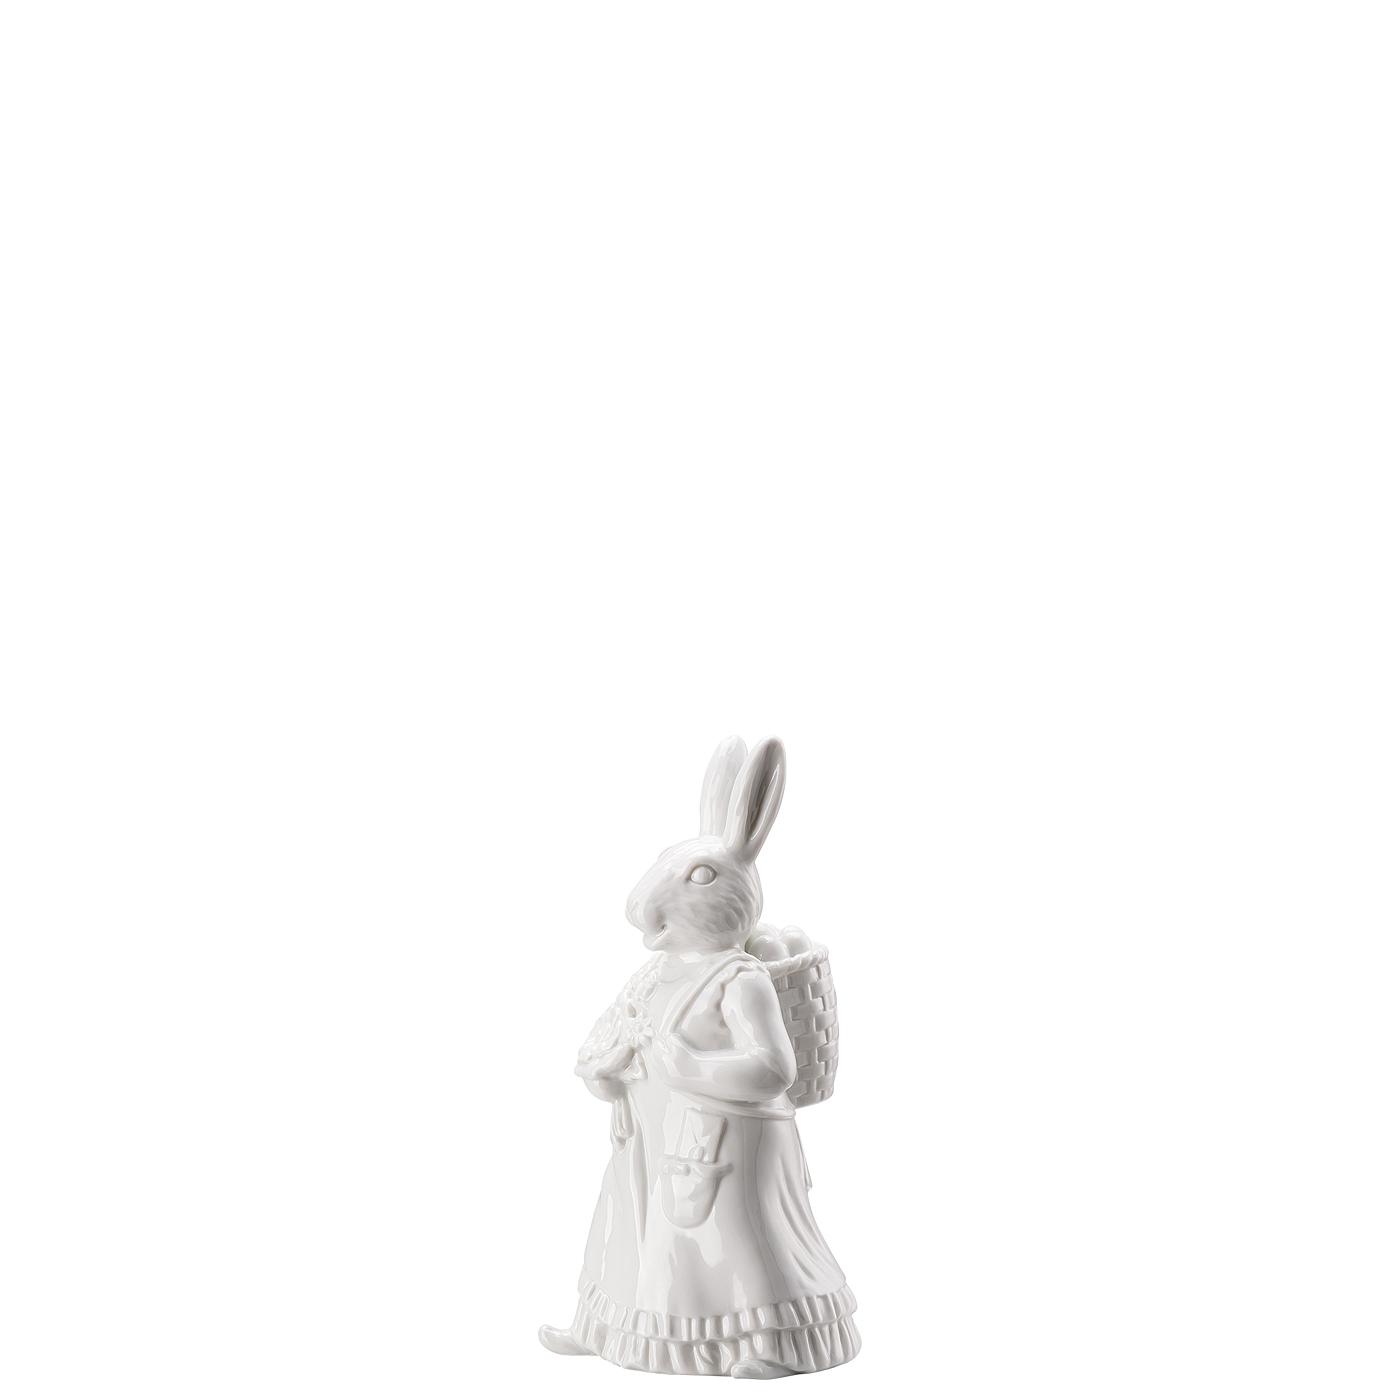 Hasenfrau mit Korb Hasenfiguren Weiss Hutschenreuther